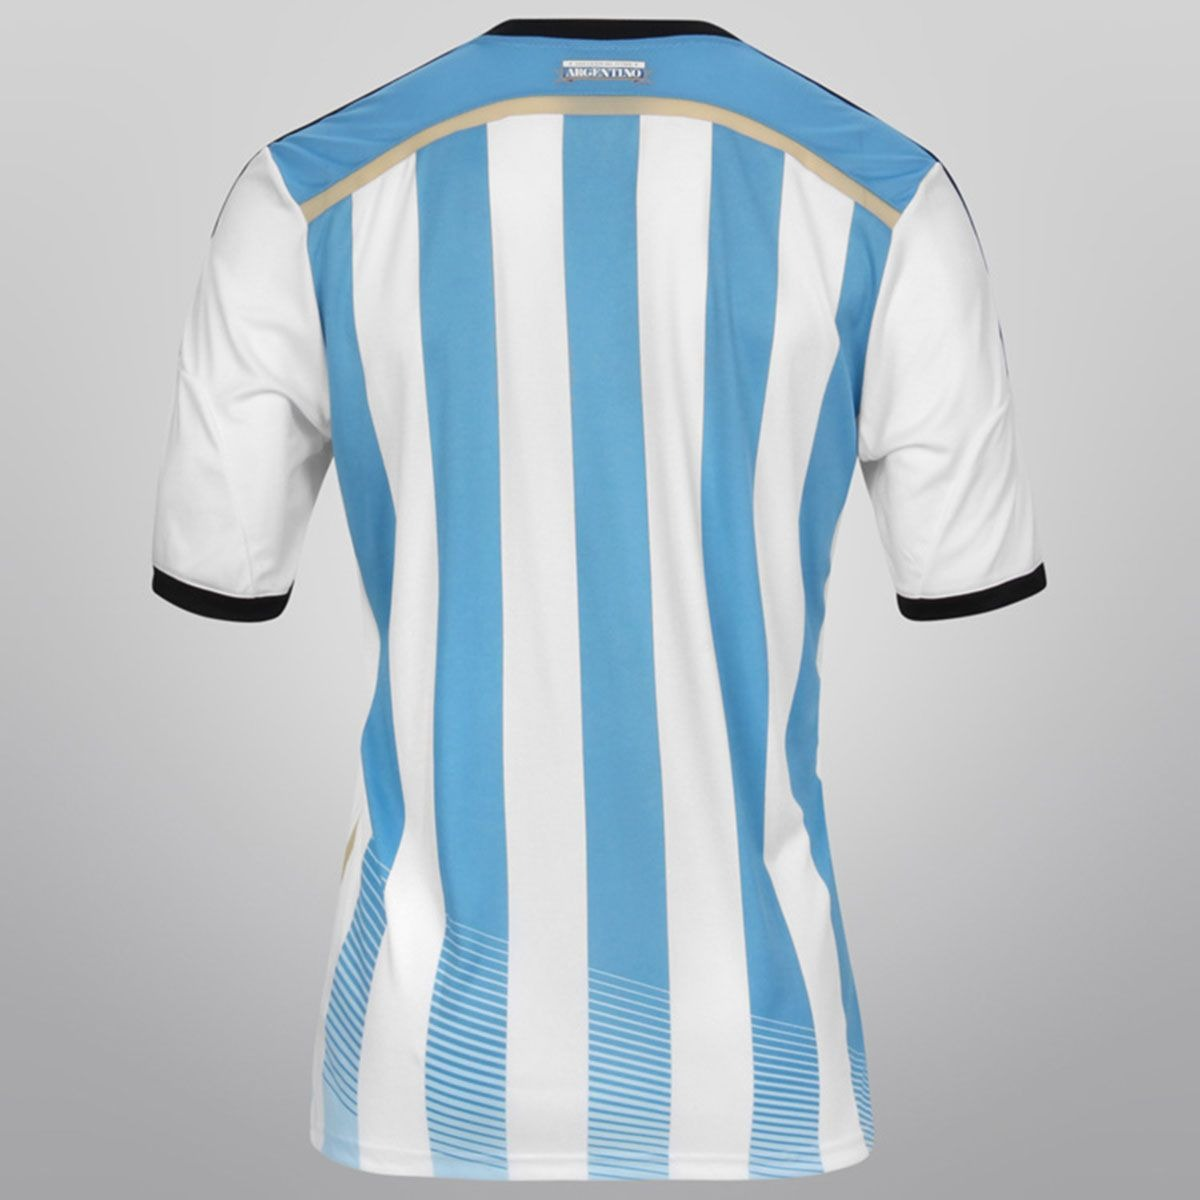 de2b9ce86695c camisa adidas argentina i 2014 home s nº oficial original+nf. Carregando  zoom.